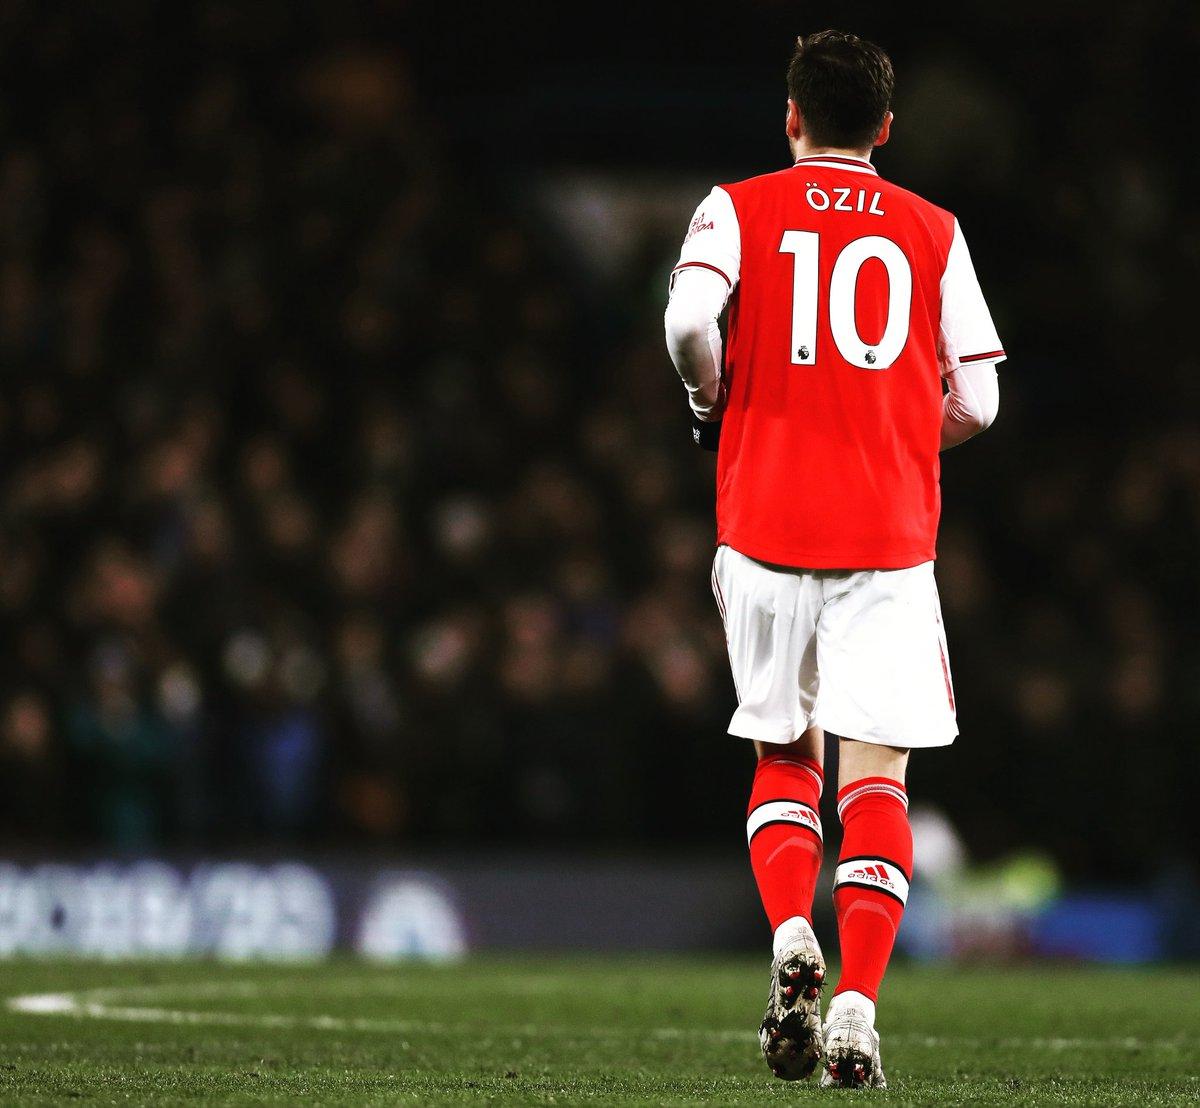 Mesut Özil transferi sosyal medyada rekor kırdı. Cristiano Ronaldo'yu geçti